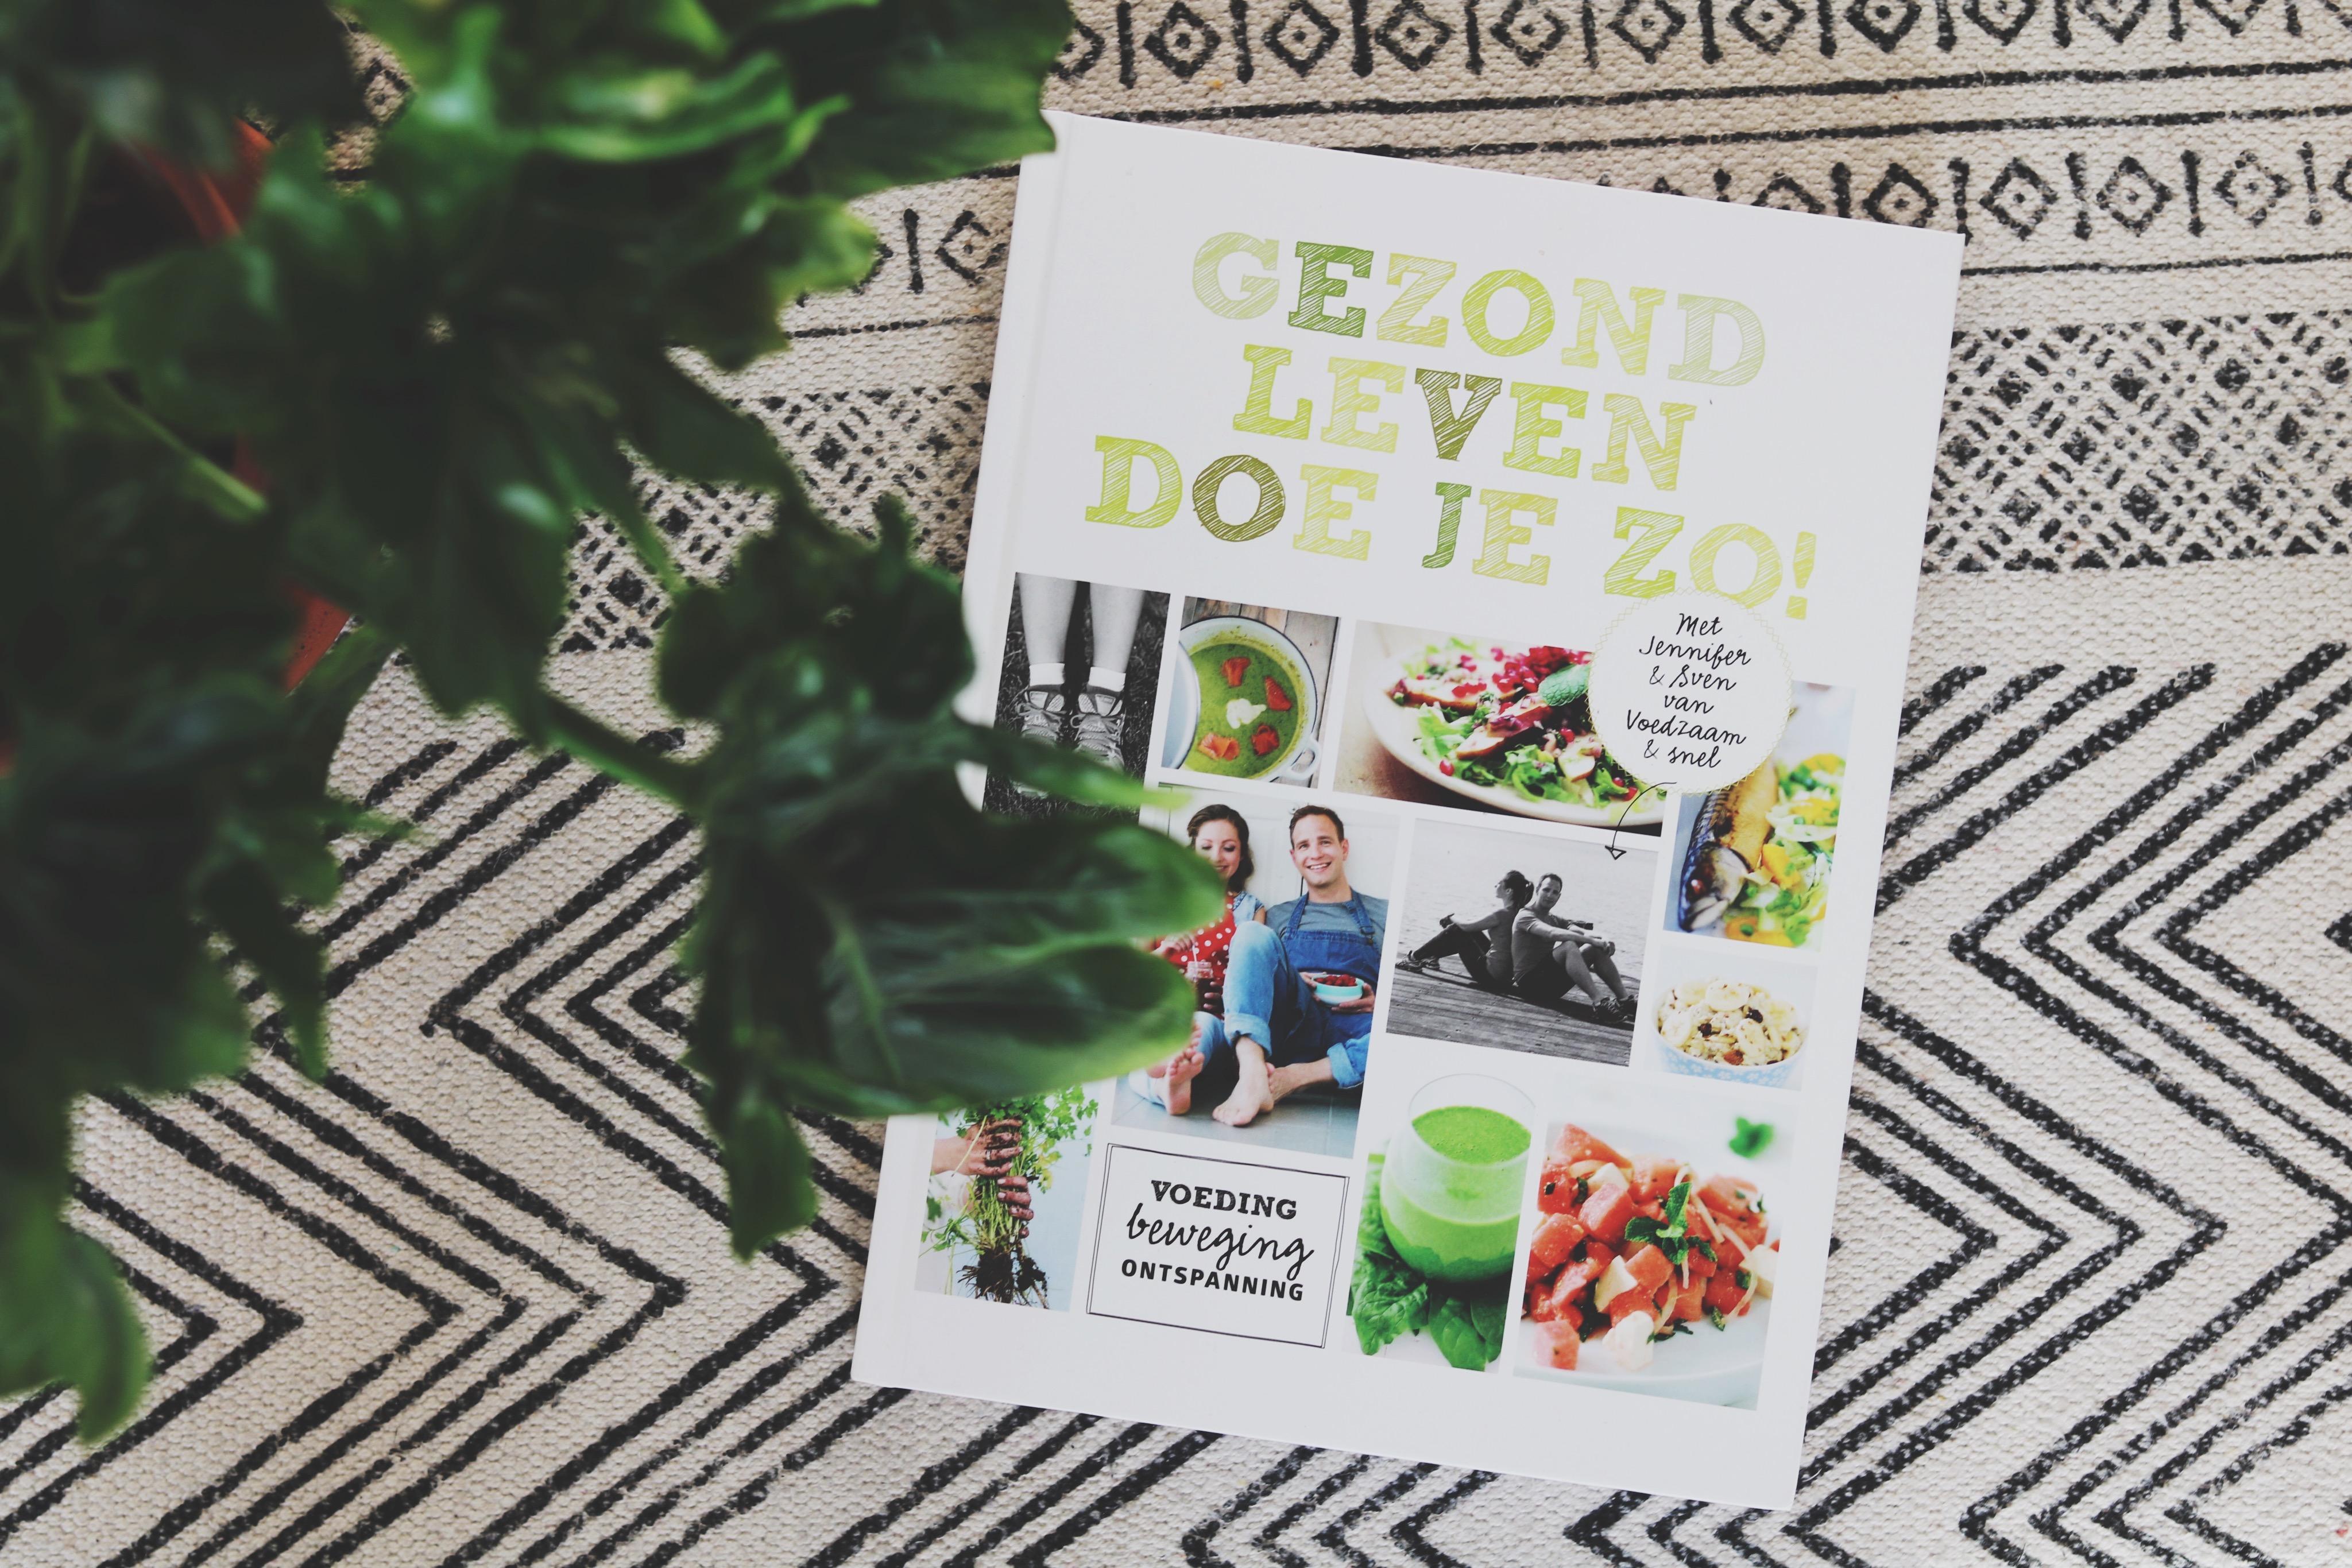 Gezond Eten Leven Boeken - 4